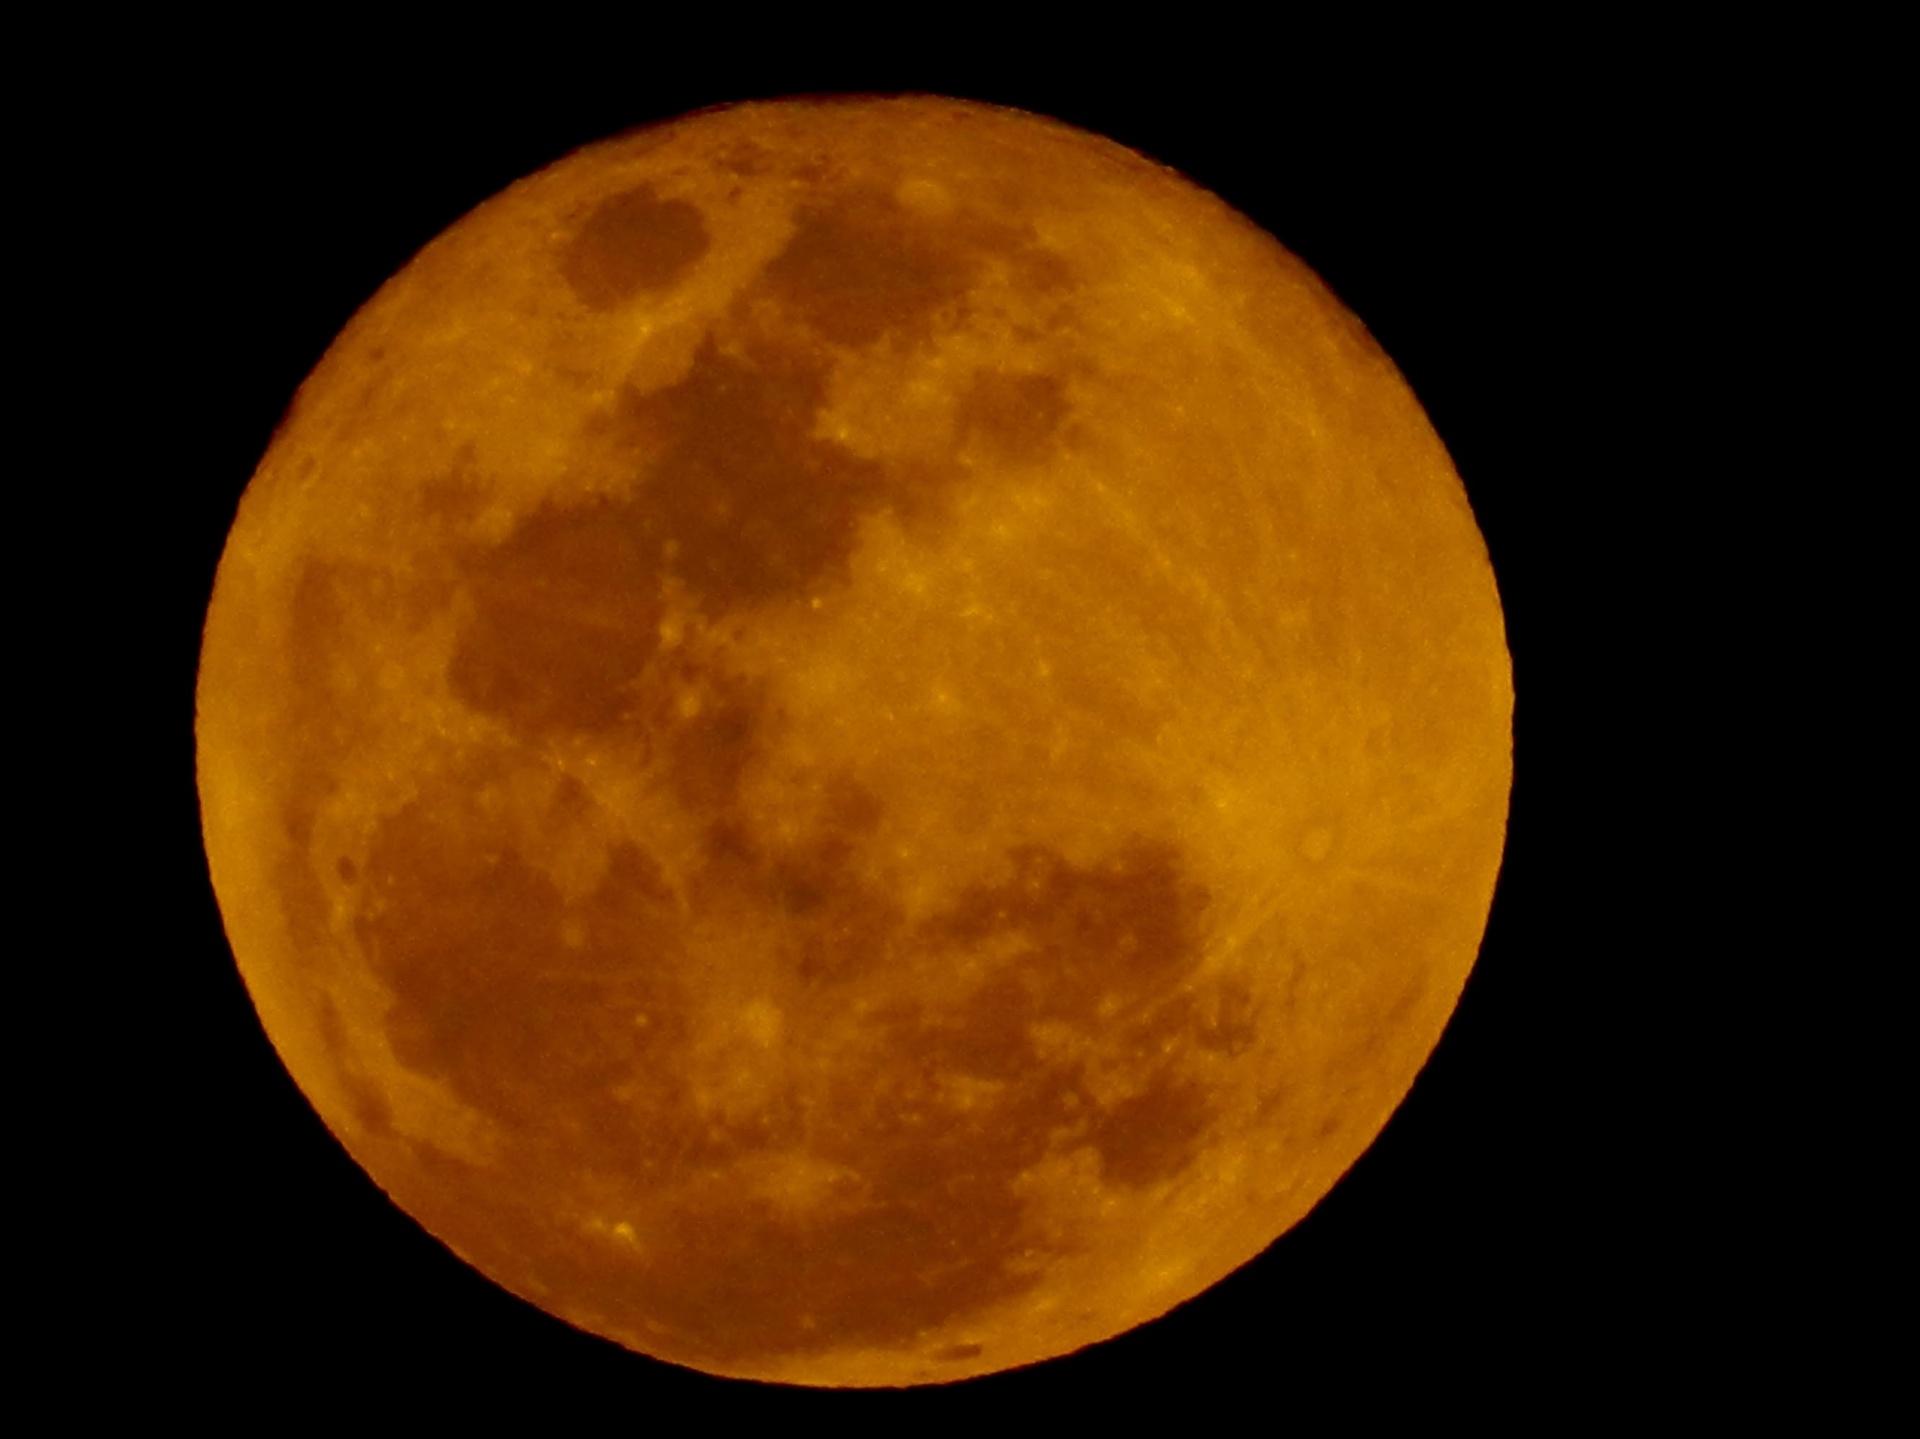 e61ce8413 Maior eclipse lunar do século, 'lua de sangue' acontece na próxima sexta e  poderá ser vista do Brasil - 20/07/2018 - UOL Notícias